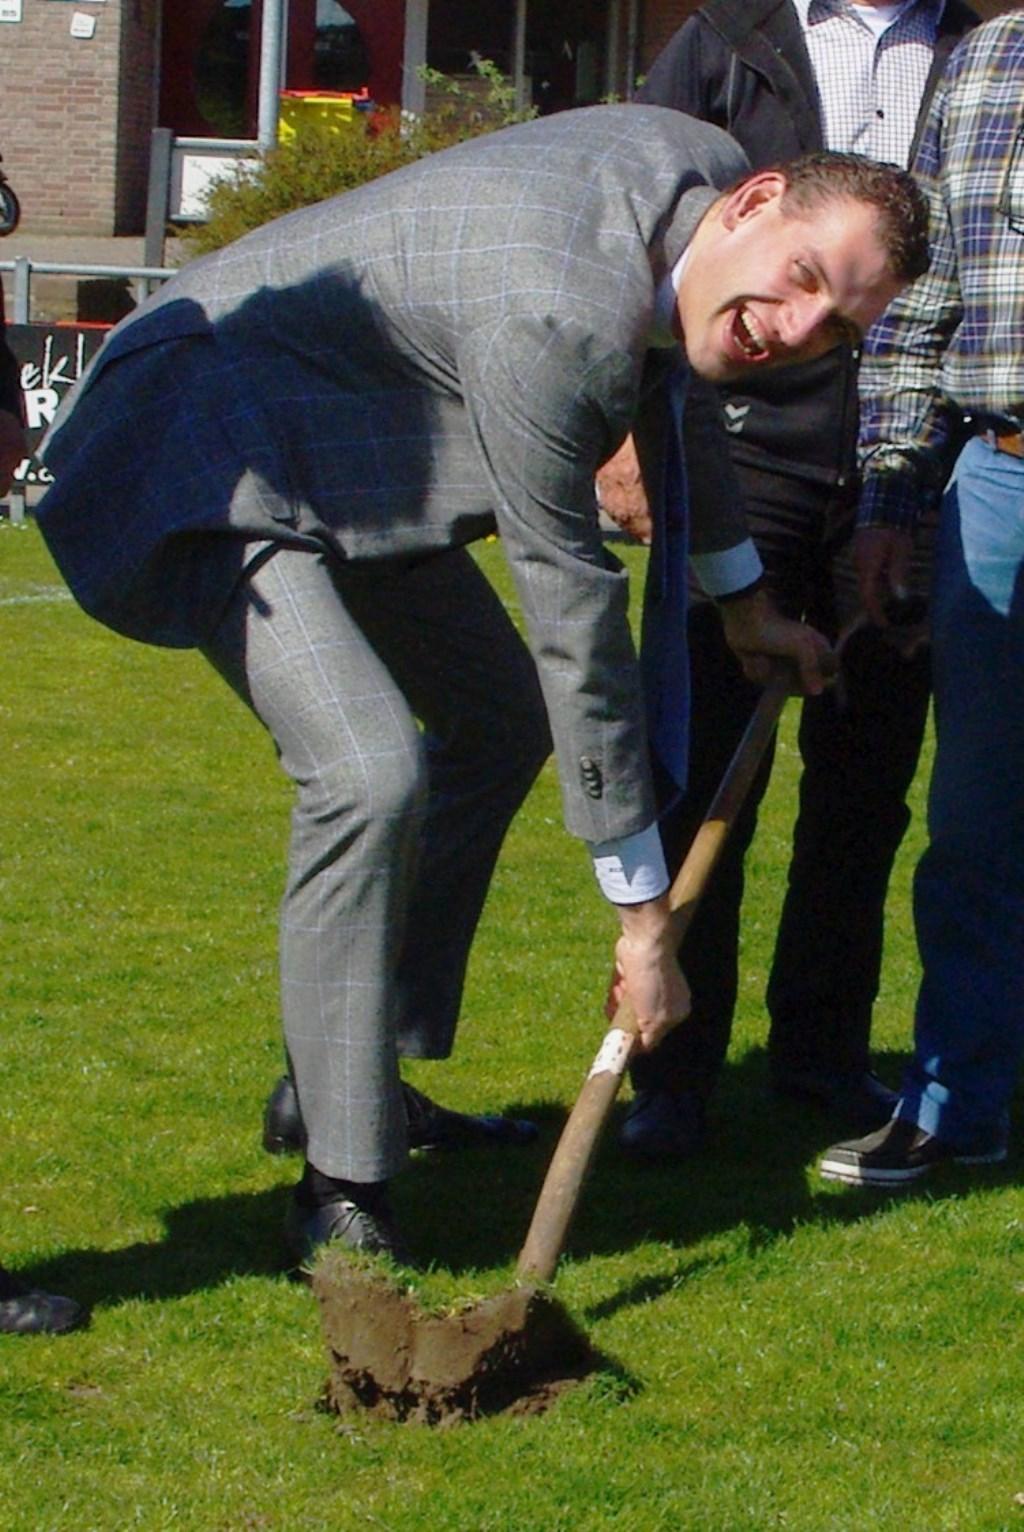 Marien den Boer steekt de schop in de grond ter voorbereiding van het kunstgrasveld voor VV Oegstgeest in 2016.   Archieffoto Willemien Timmers  © uitgeverij Verhagen